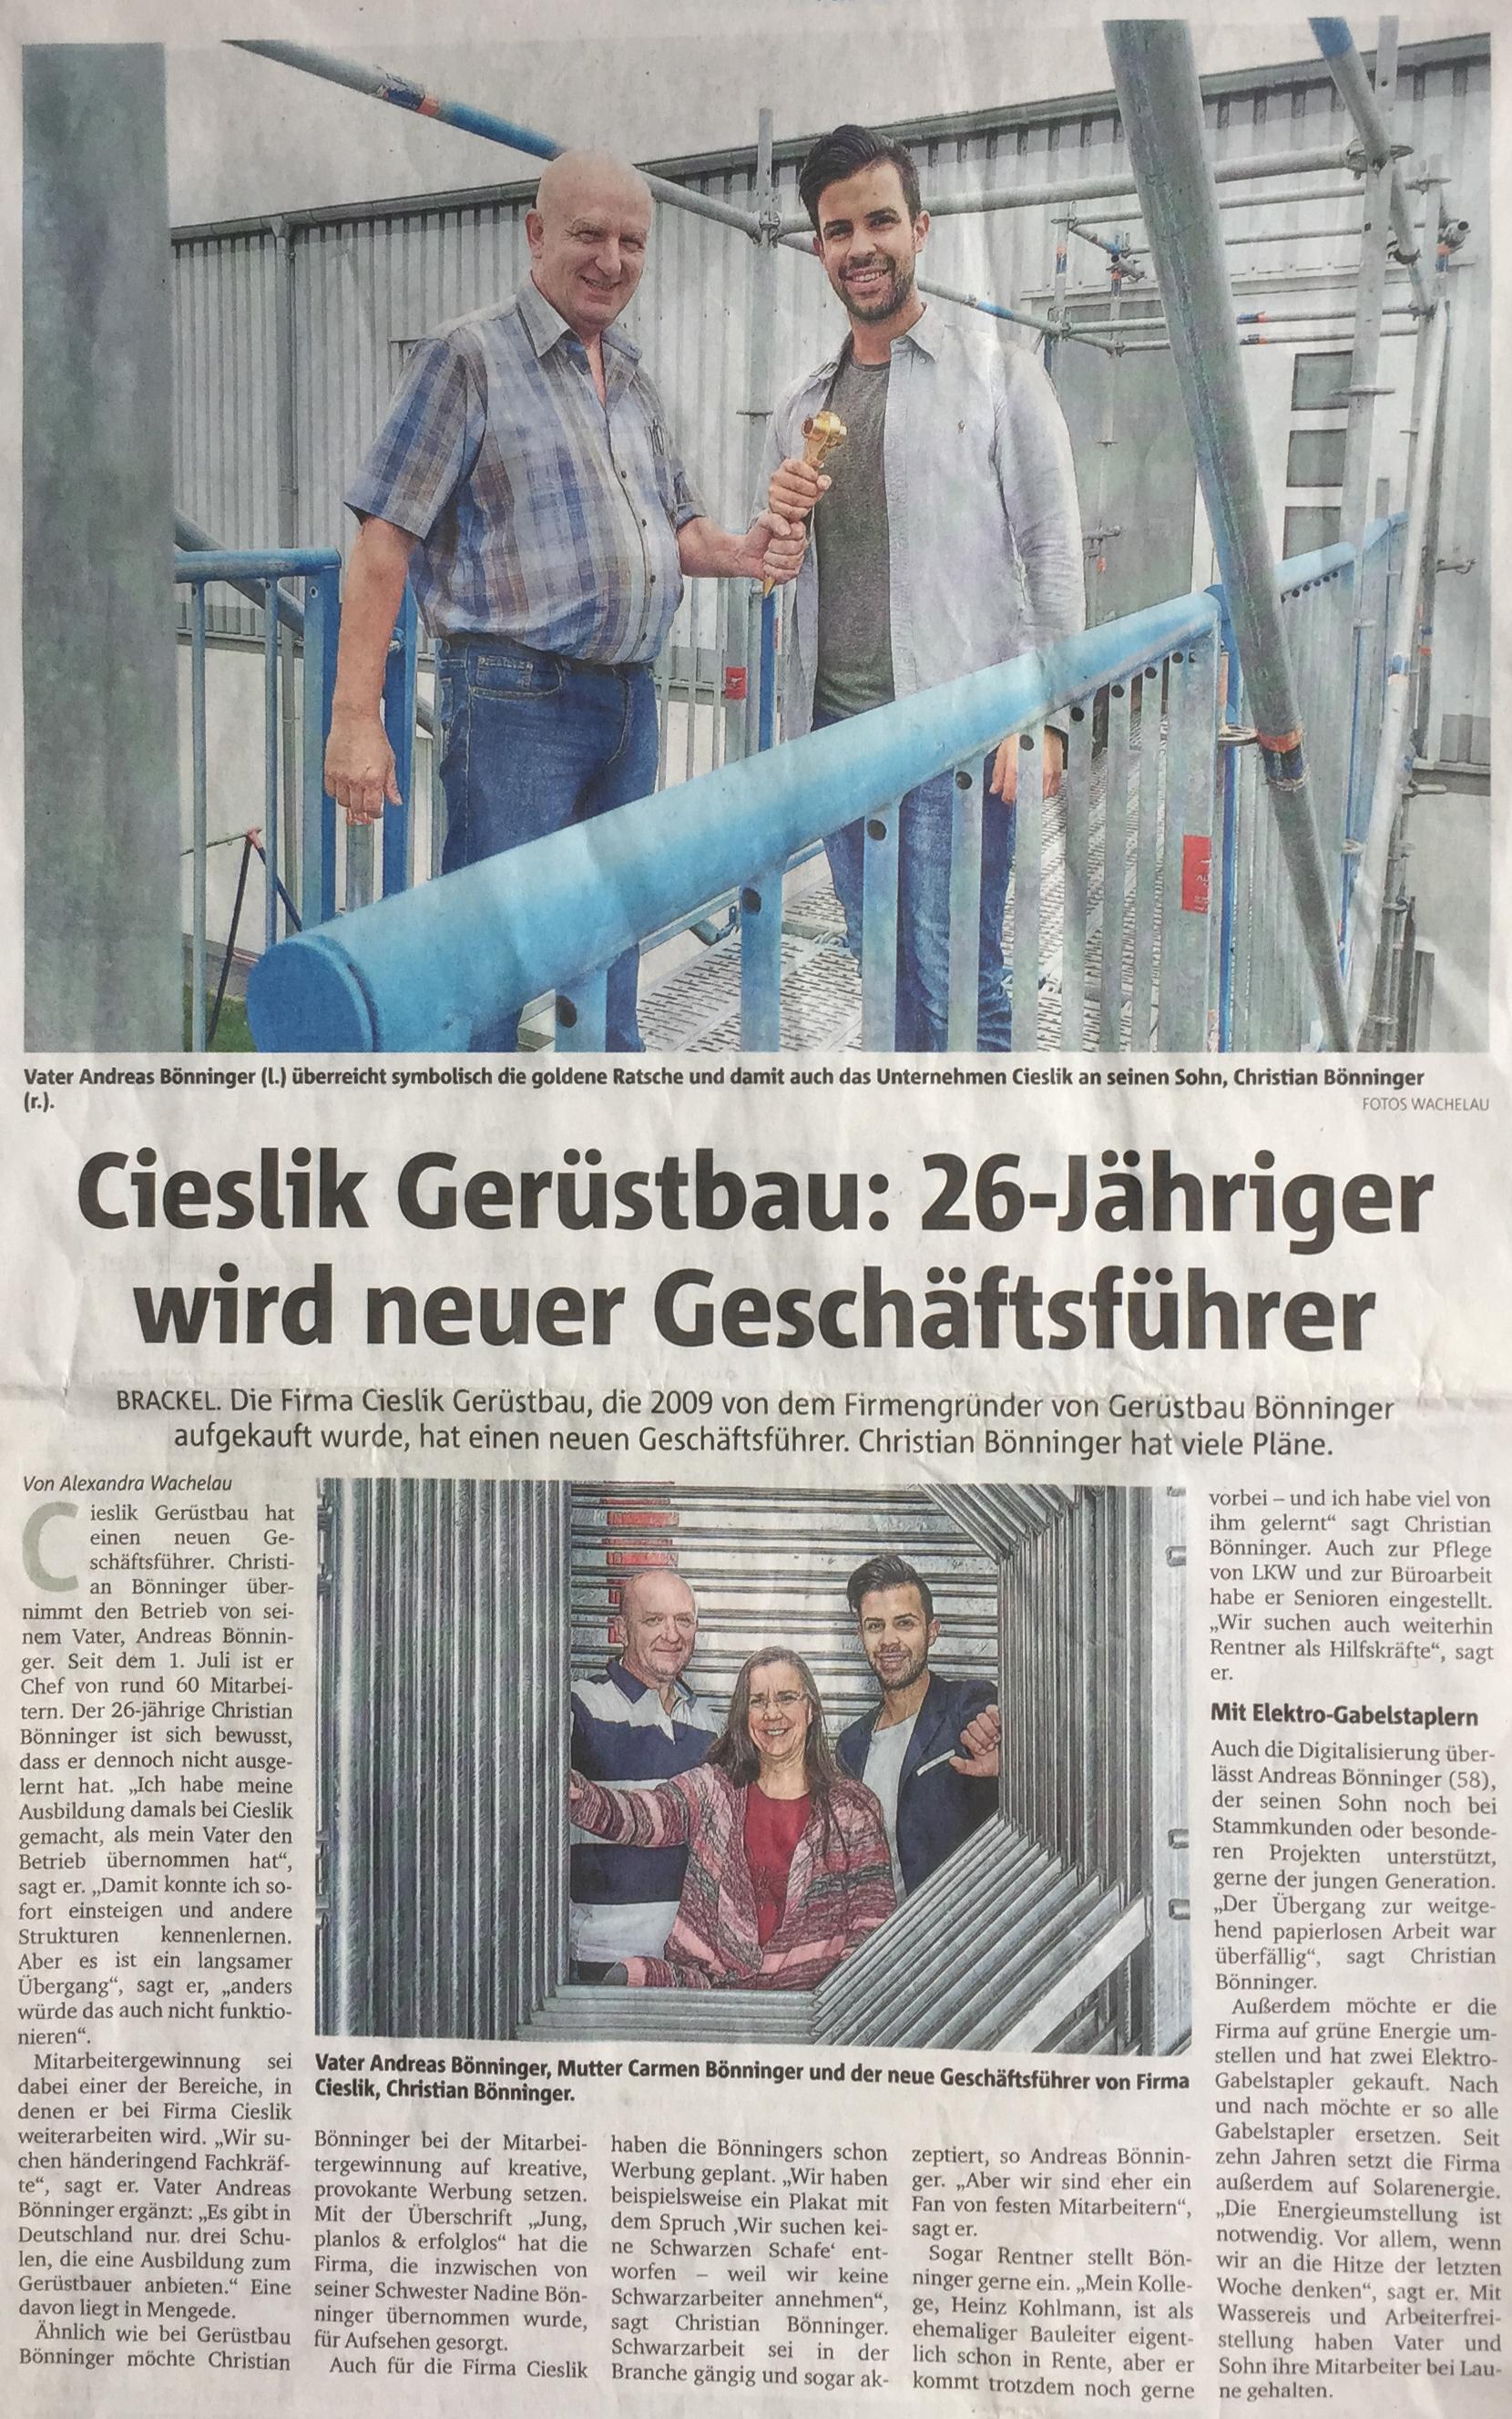 Artikel Ruhr-Nachrichten 31.07.2019 – Gerüstbau Cieslik Lünen